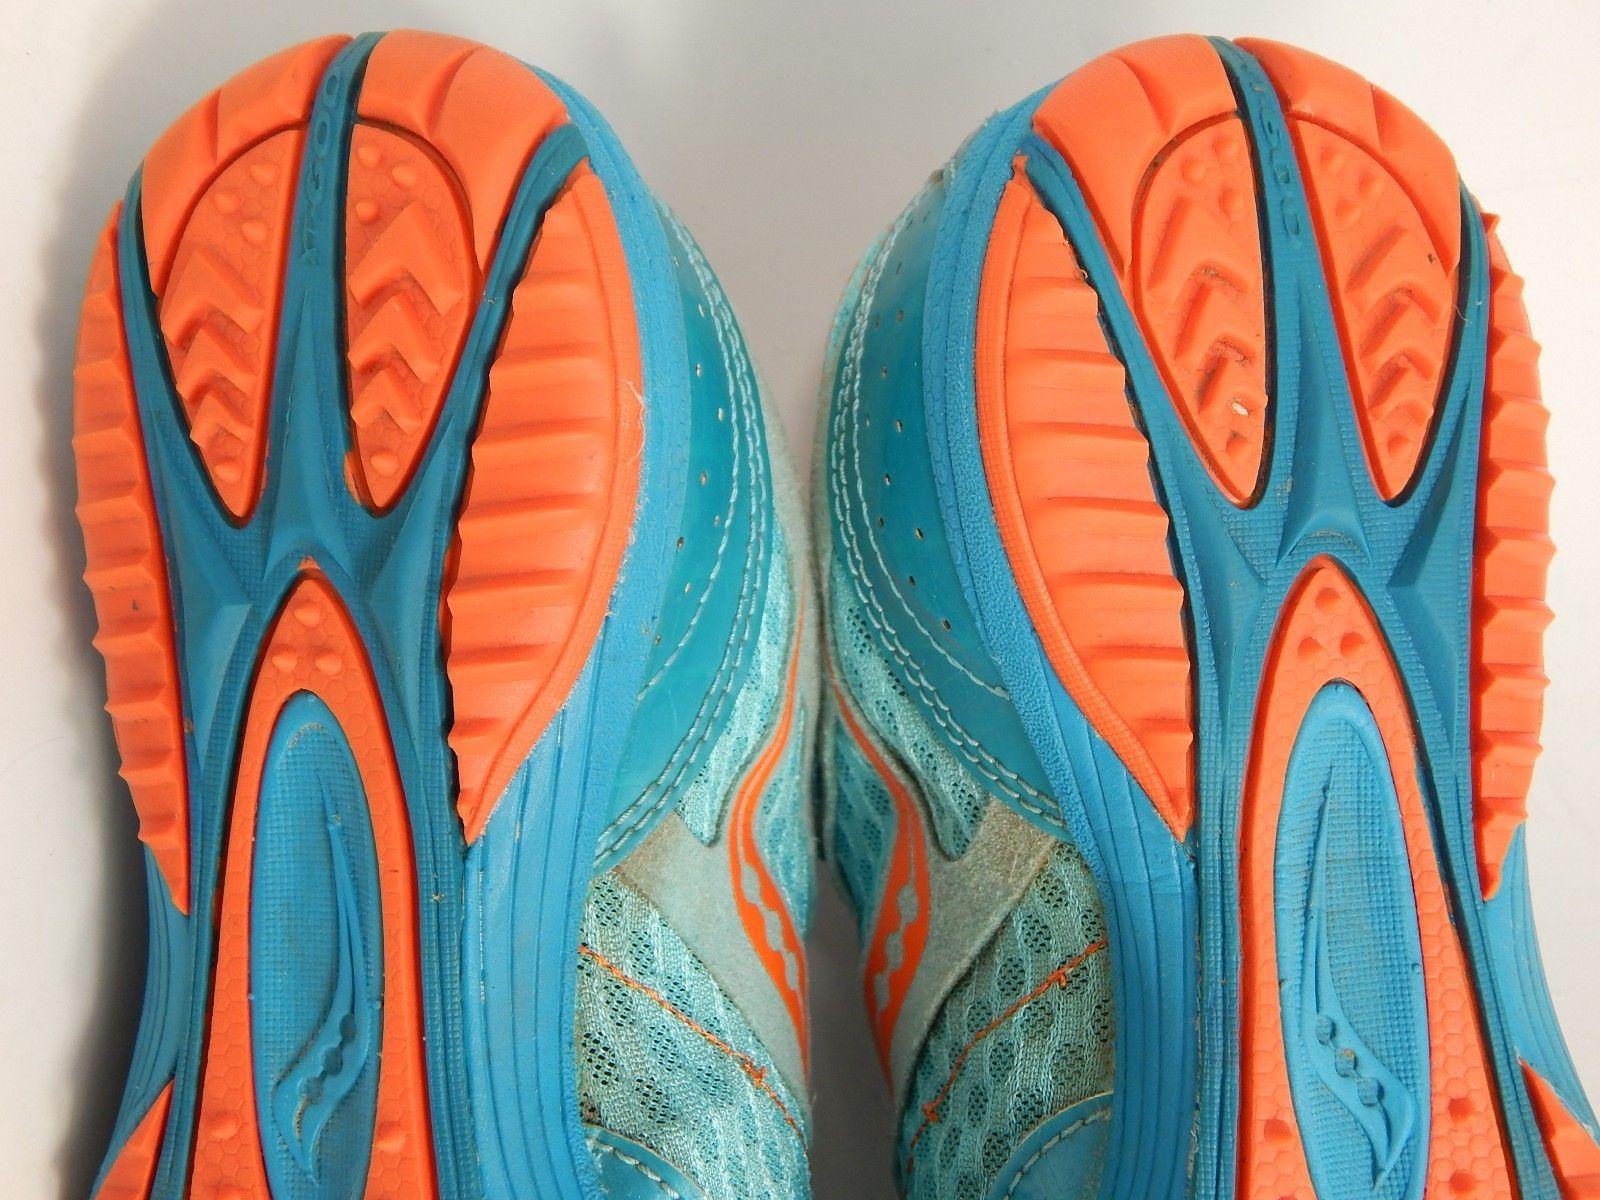 Saucony Kilkenny XC4 Women's Track Shoes Size US 7.5 M (B) EU: 38.5 10124-2